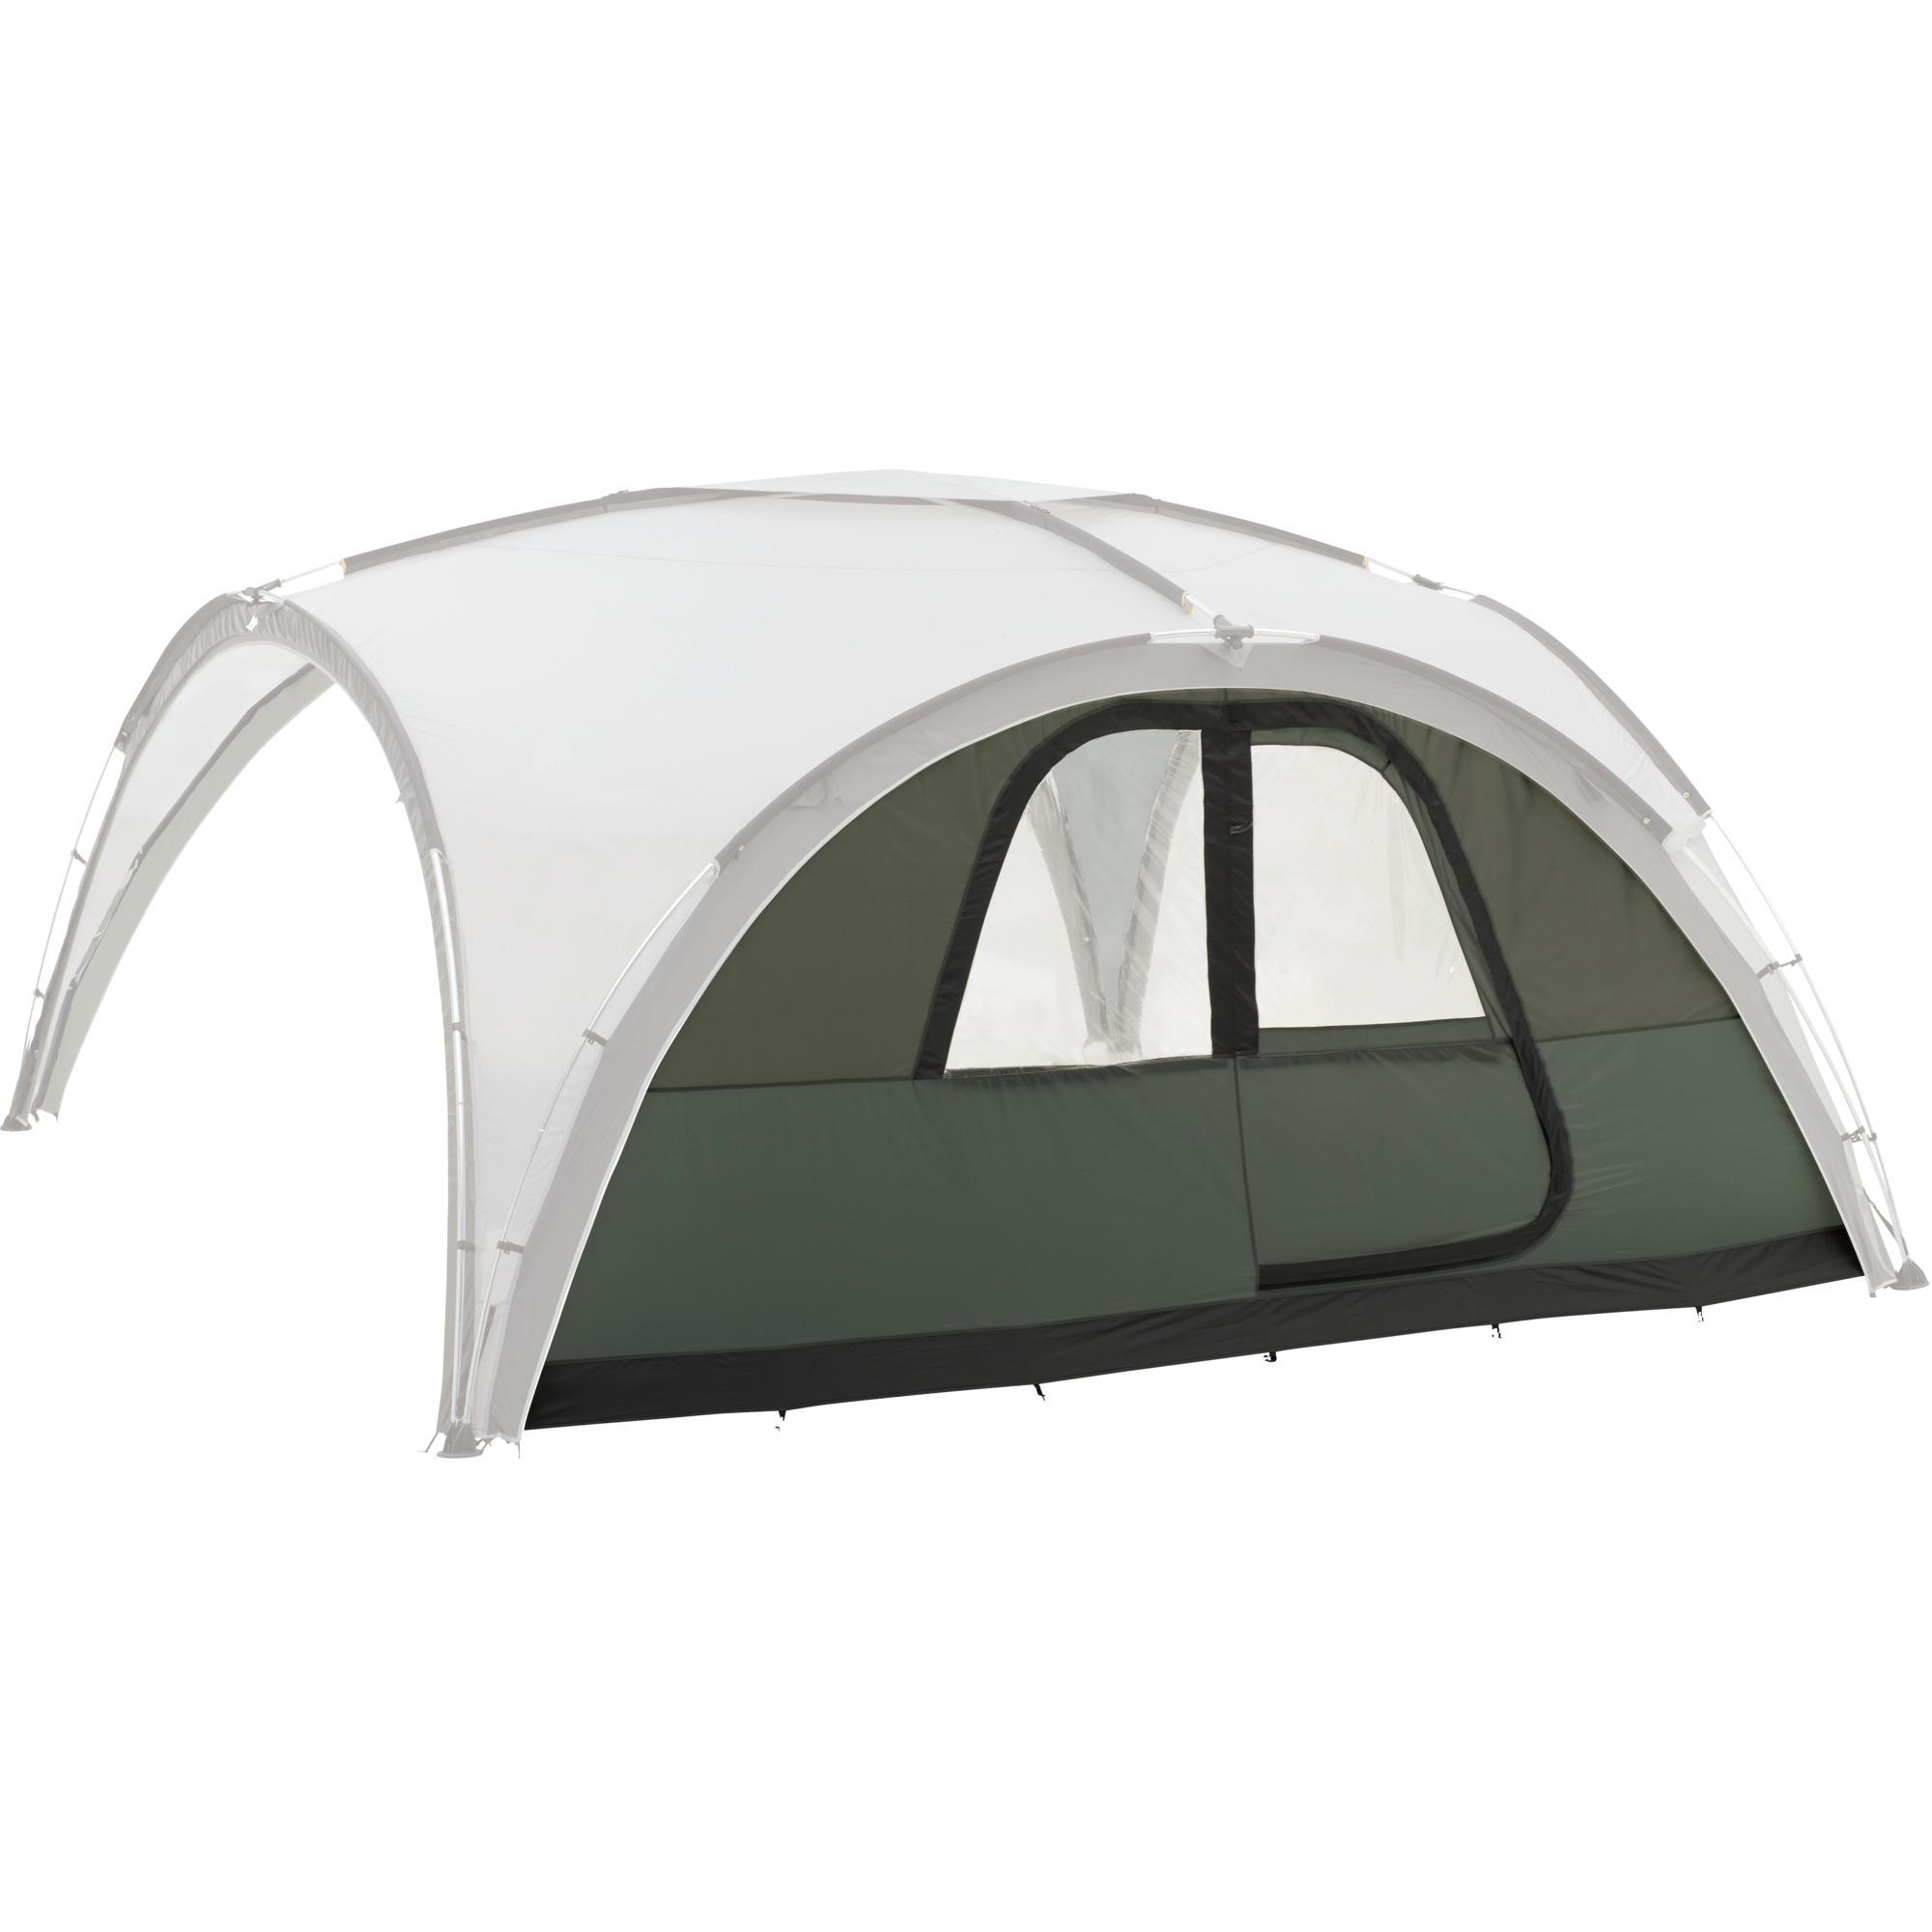 2000011831 toldo y carpa para camping Gris, Blanco, Lateral